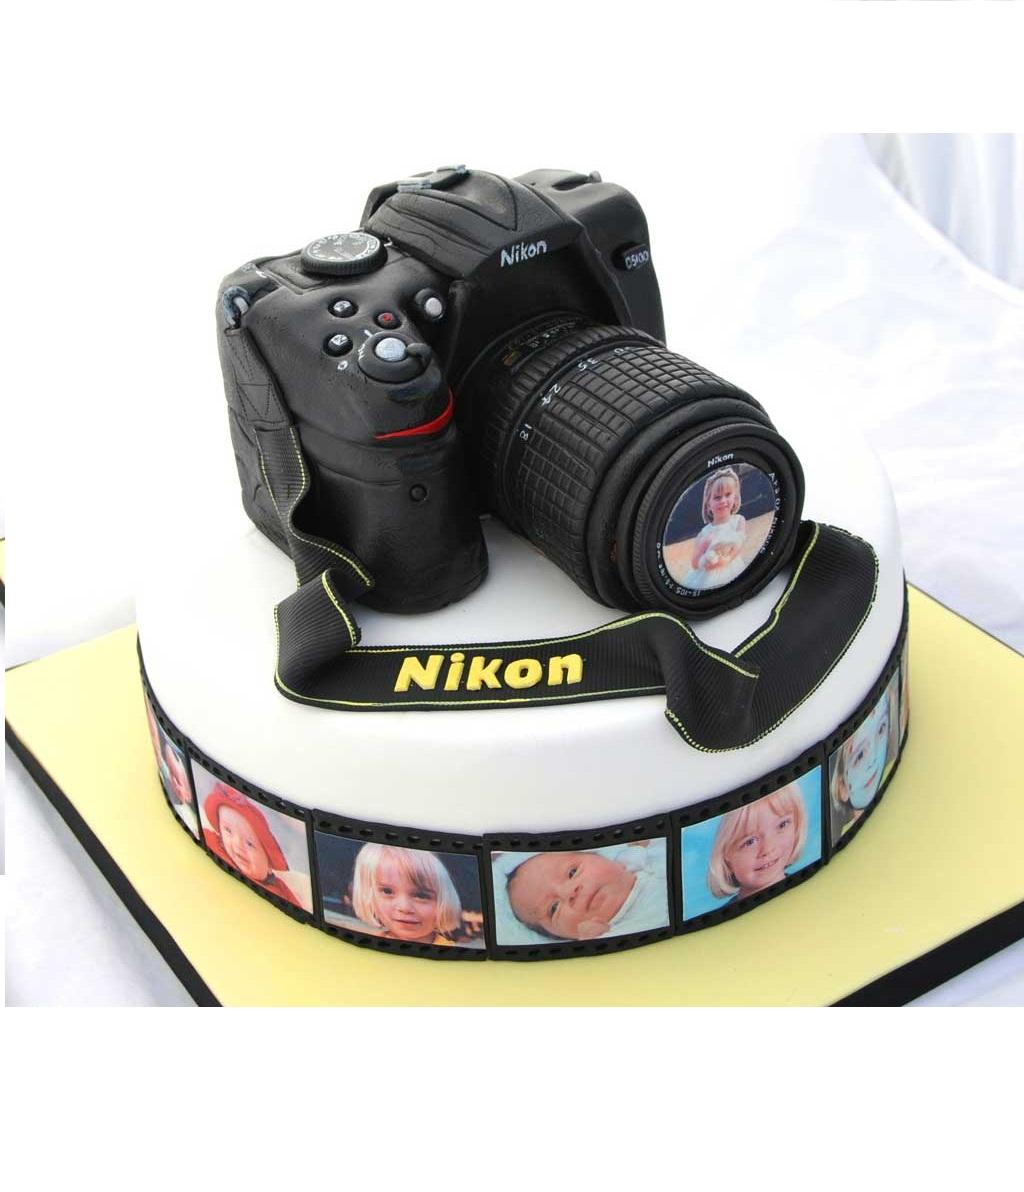 С днем рождения фотографу картинка, спорта прикольные